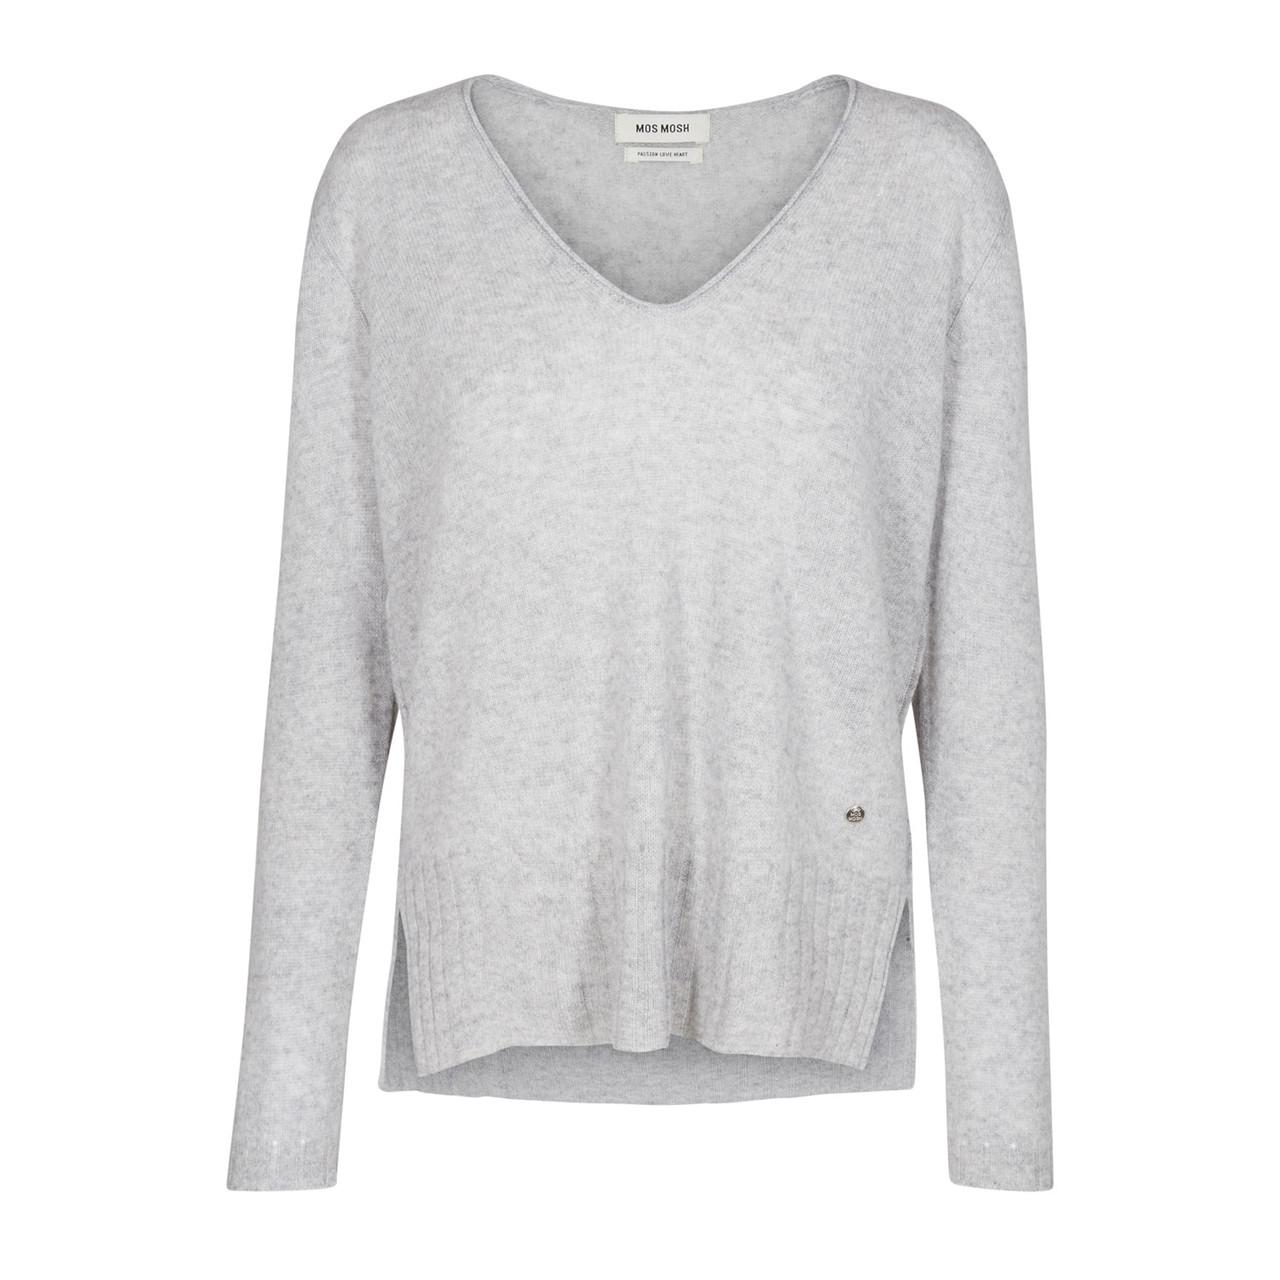 sophia bluse v neck cashmere grey melange mos mosh. Black Bedroom Furniture Sets. Home Design Ideas